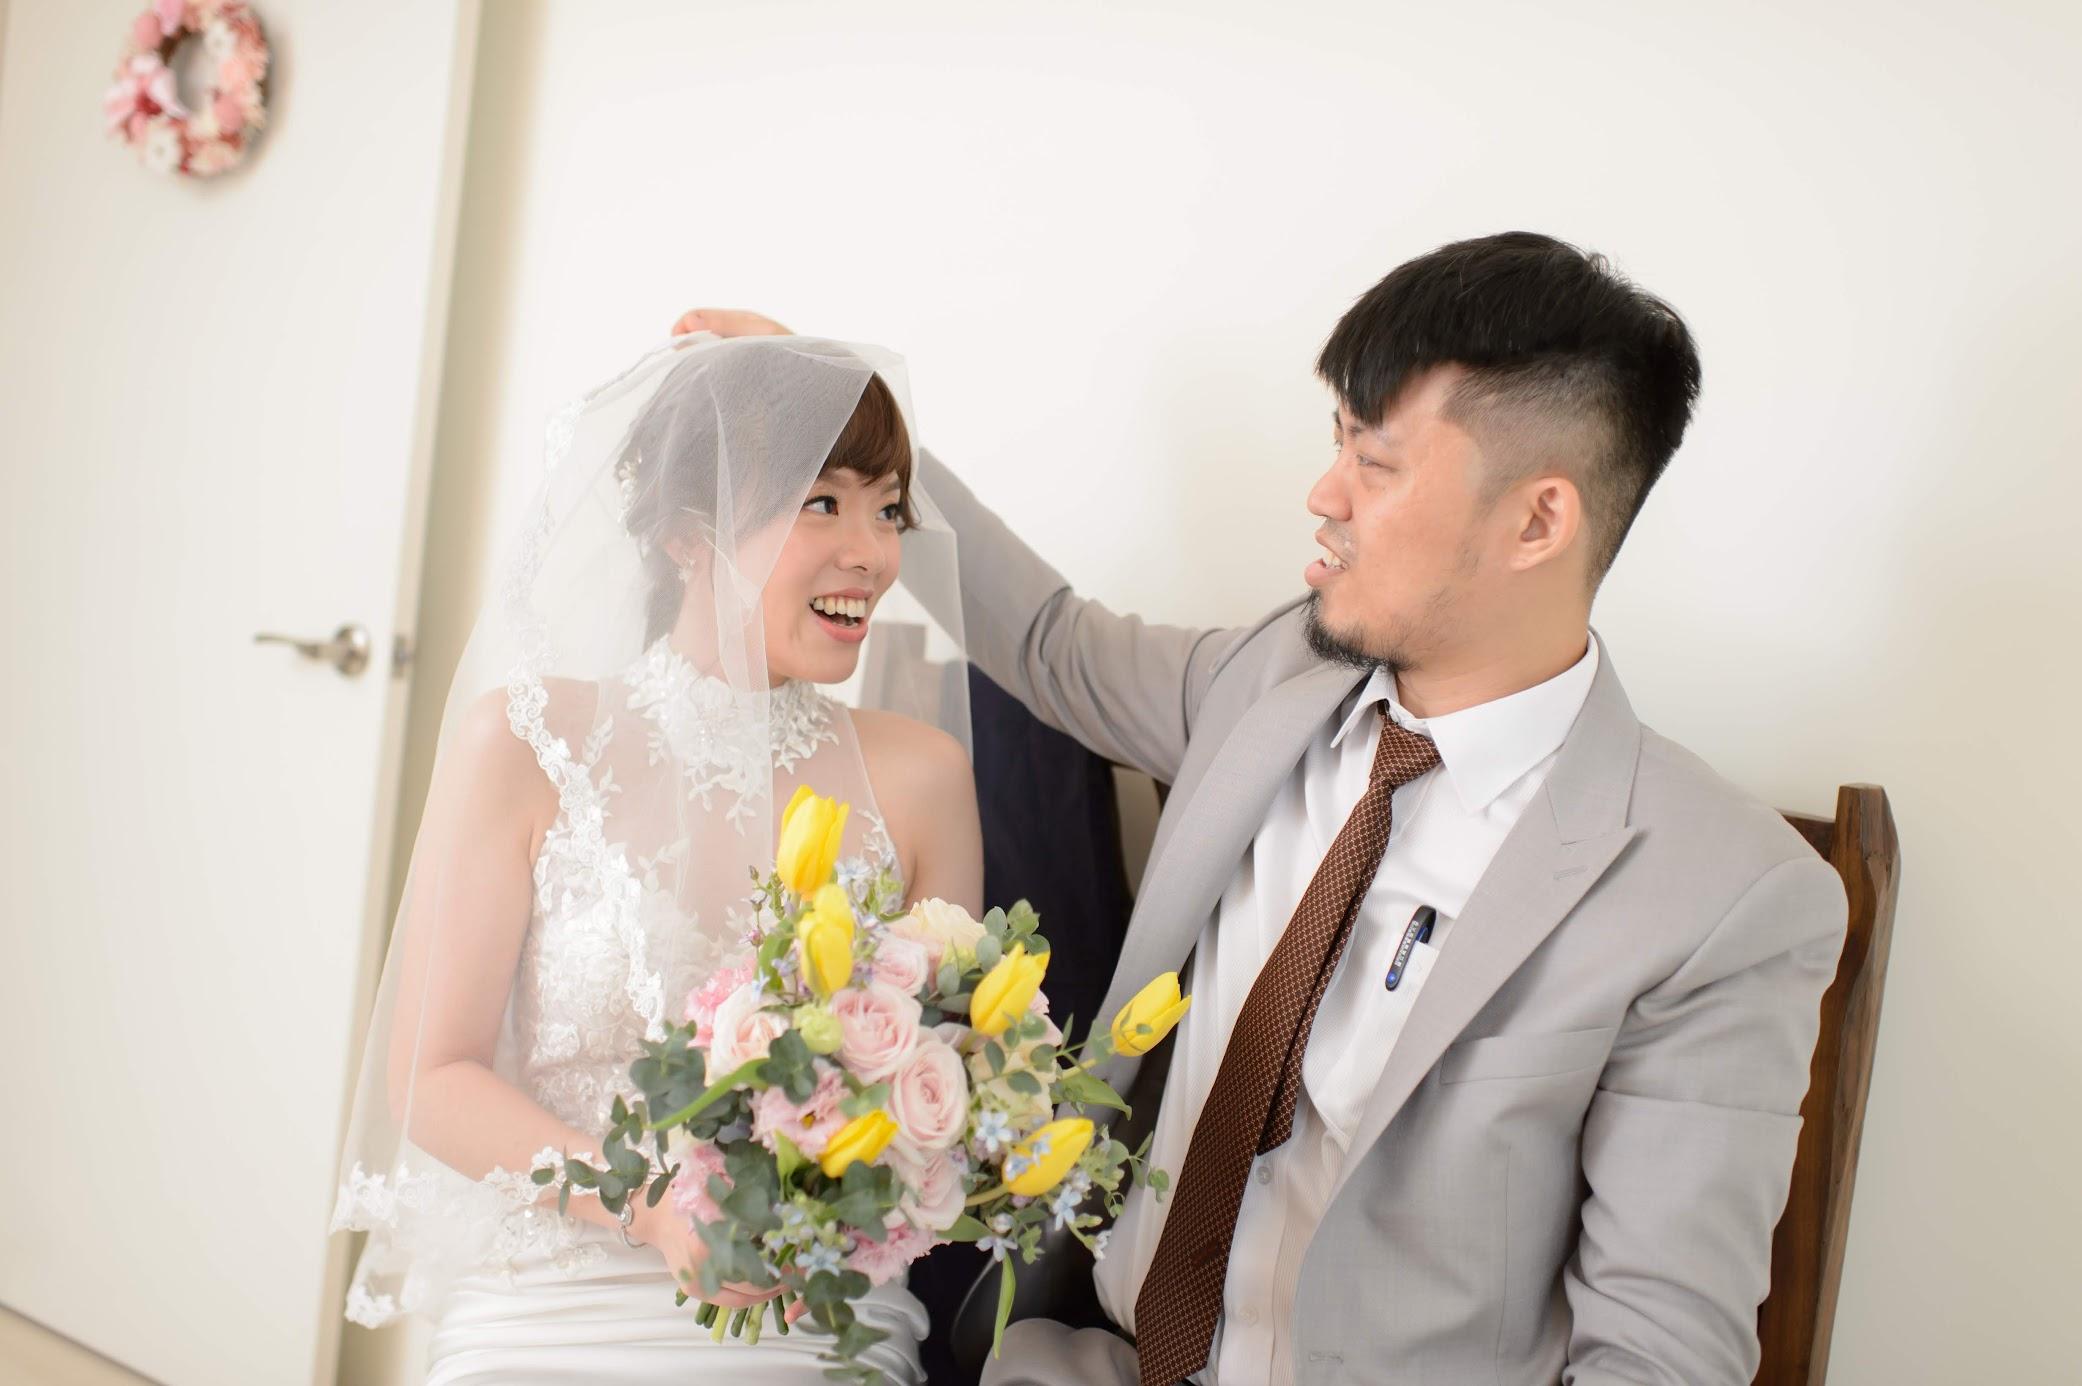 婚攝作品-婚禮攝影-台中婚攝推薦